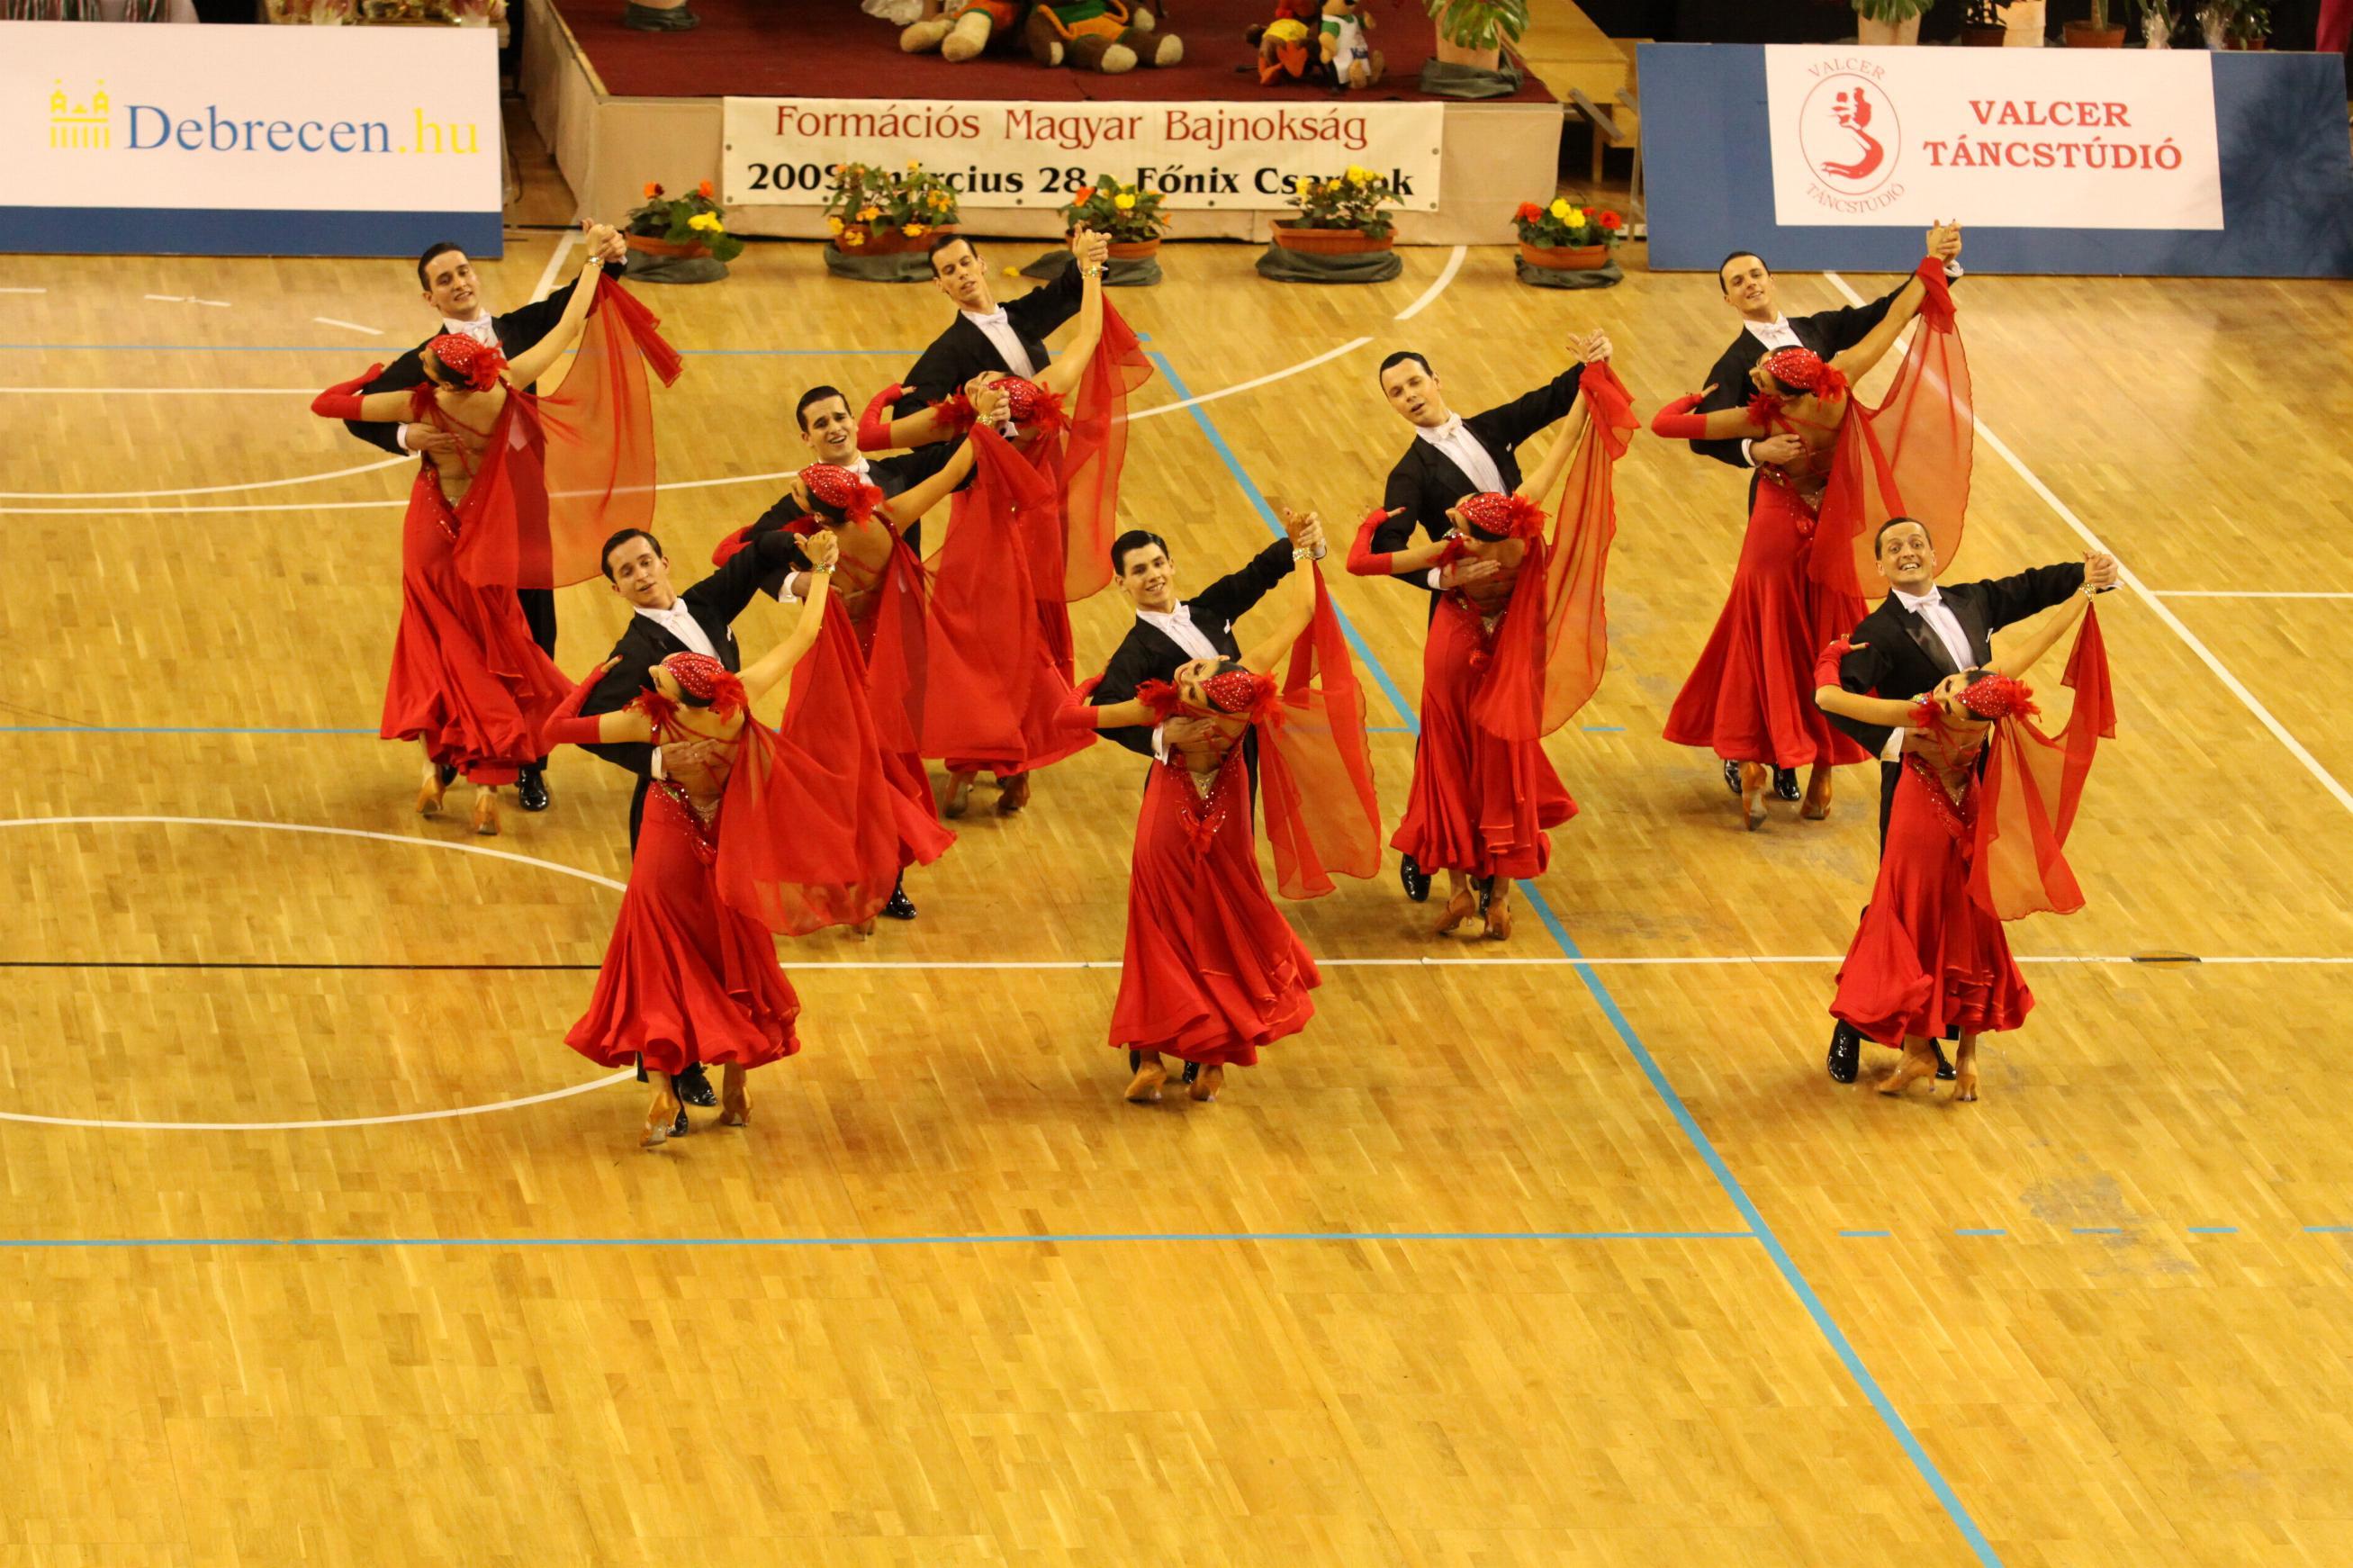 szabad és komoly tánc site)